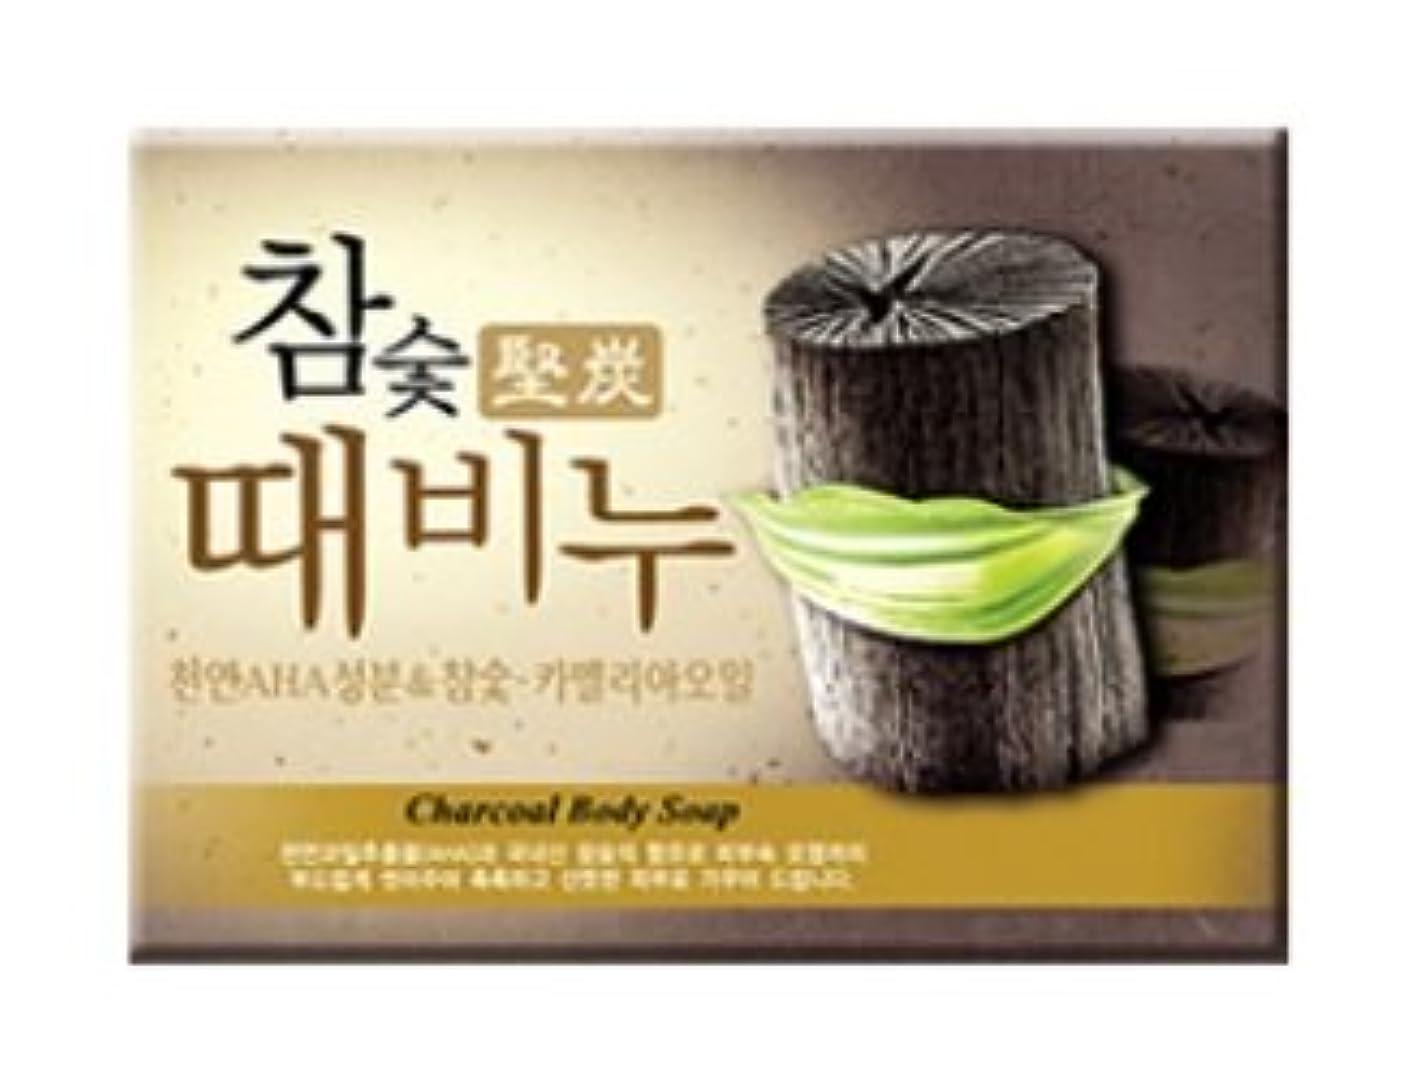 アクセント着飾るスキー堅炭ソープ 100g / Charcoal Body Soap [並行輸入品]